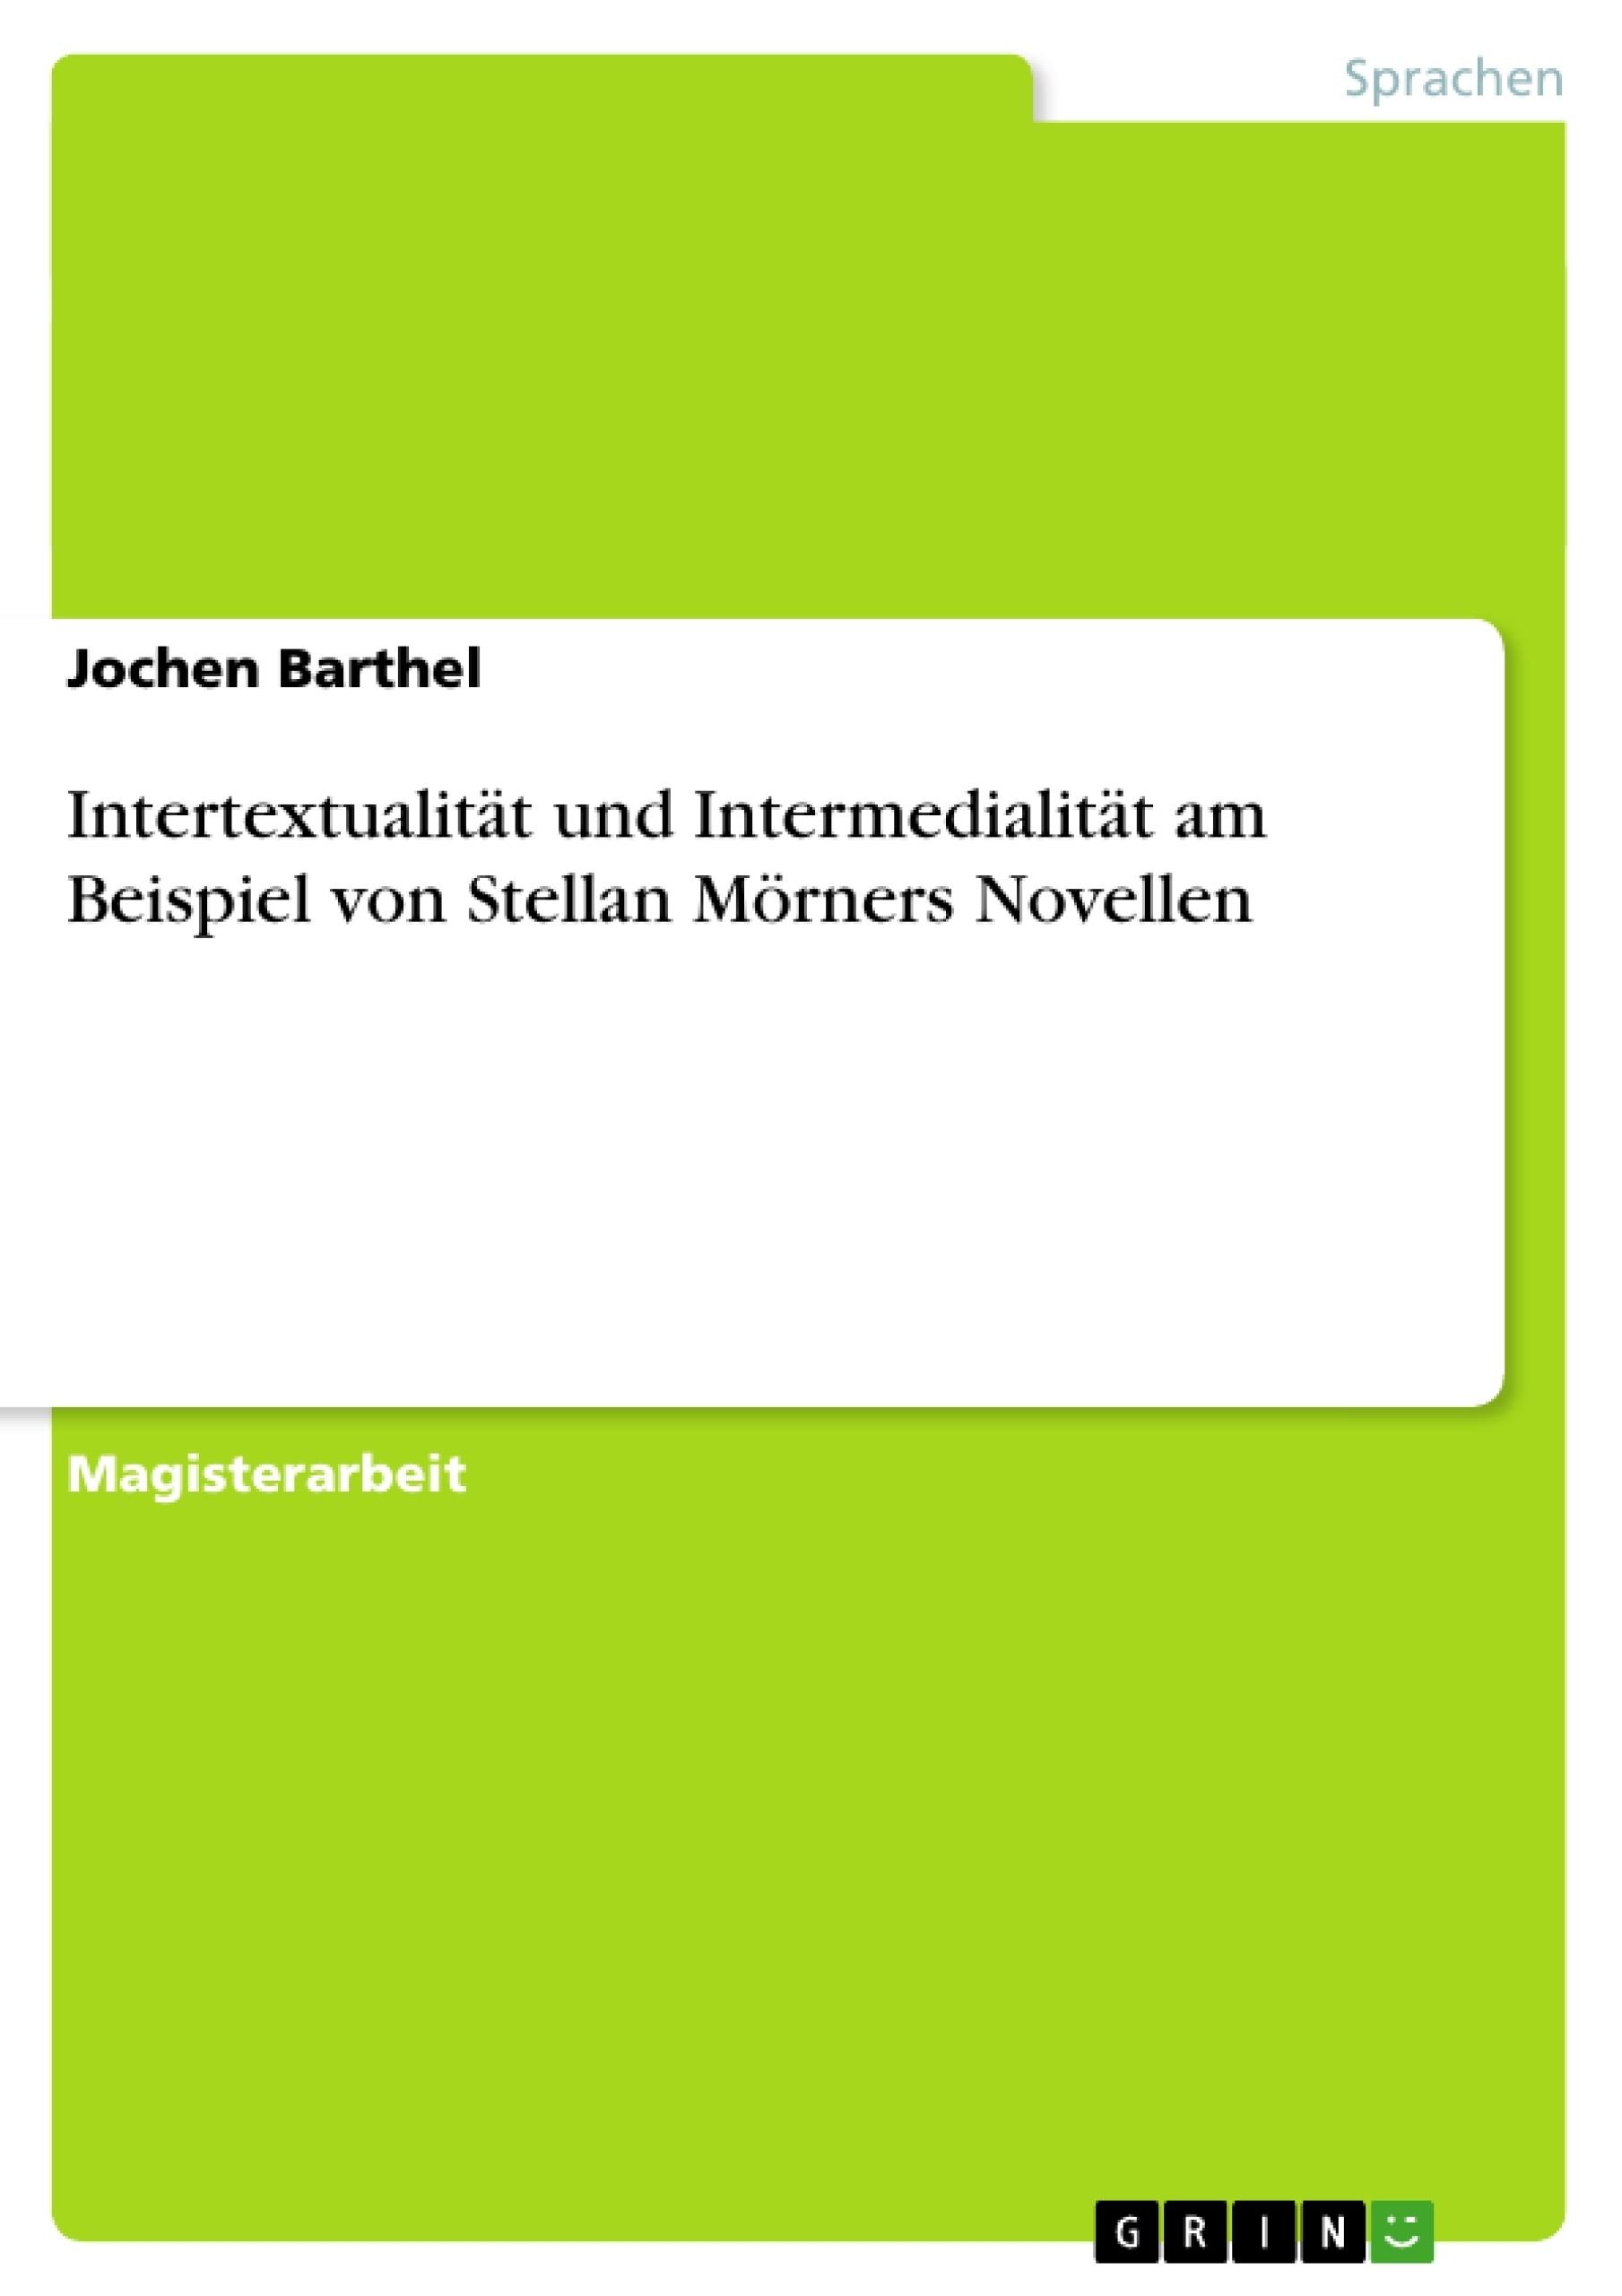 Titel: Intertextualität und Intermedialität am Beispiel von Stellan Mörners Novellen